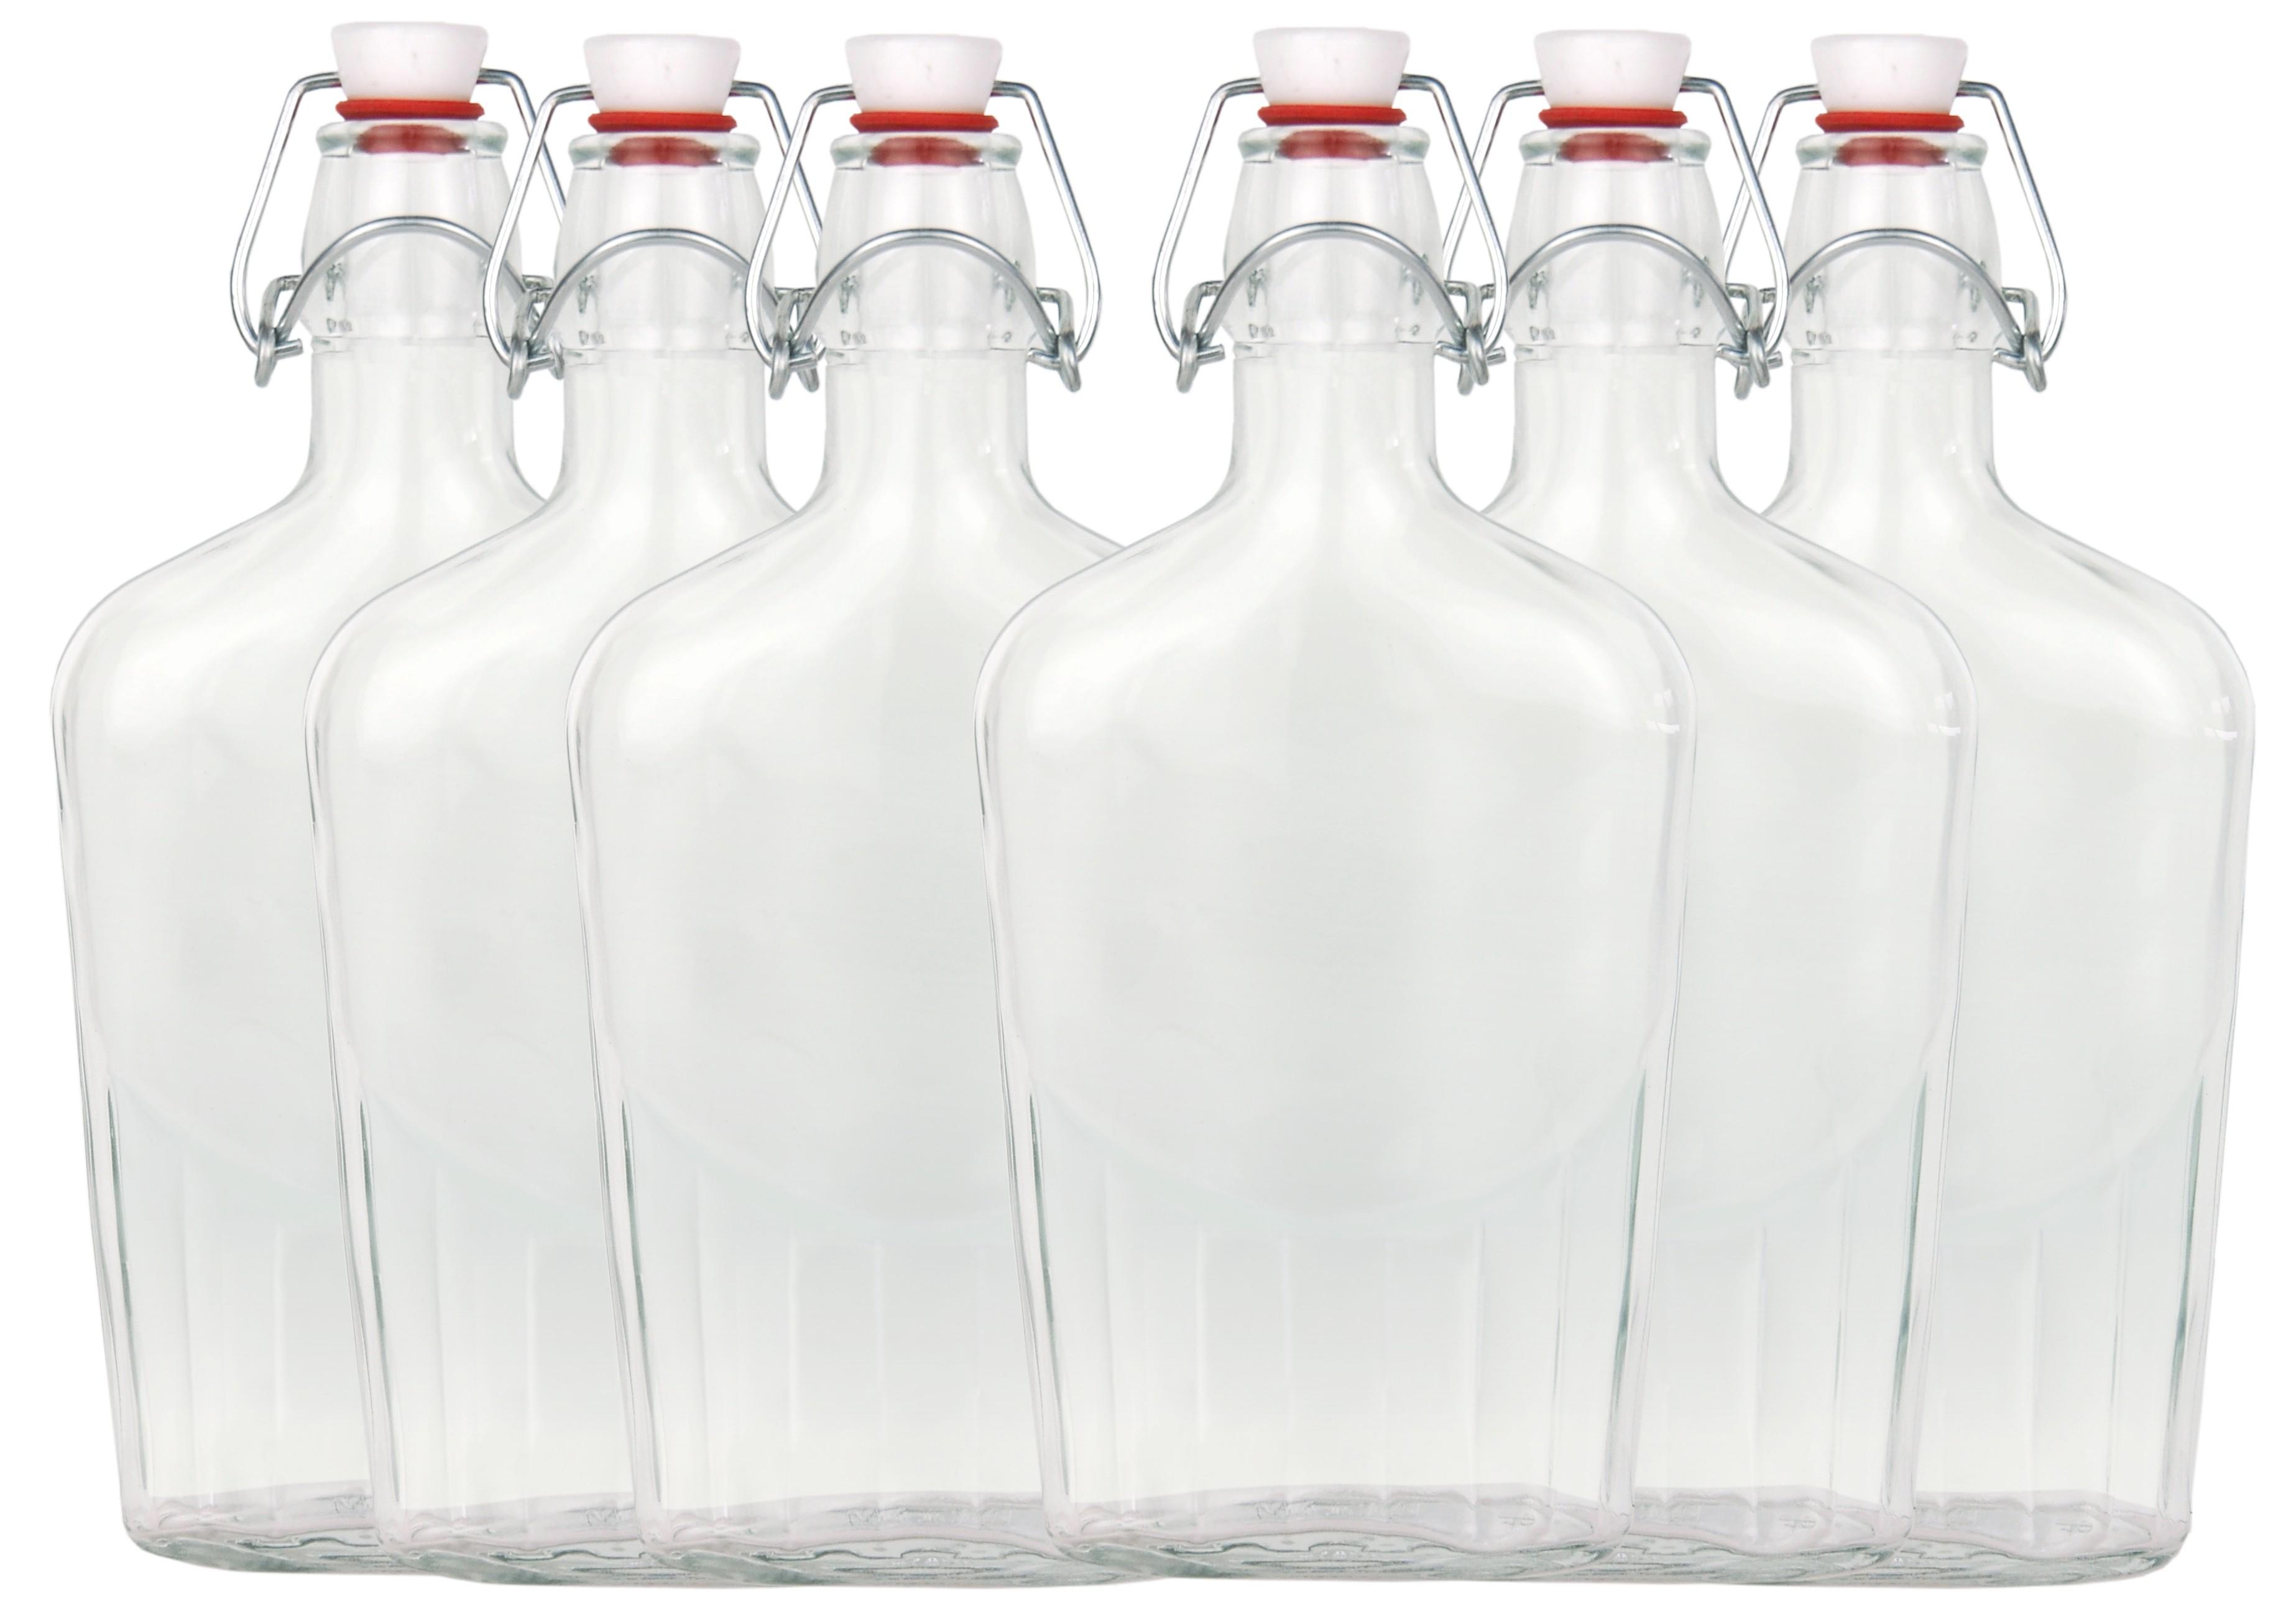 6er set glasflasche fiaschetta mit b gelverschluss 0 25 liter glas flaschen. Black Bedroom Furniture Sets. Home Design Ideas